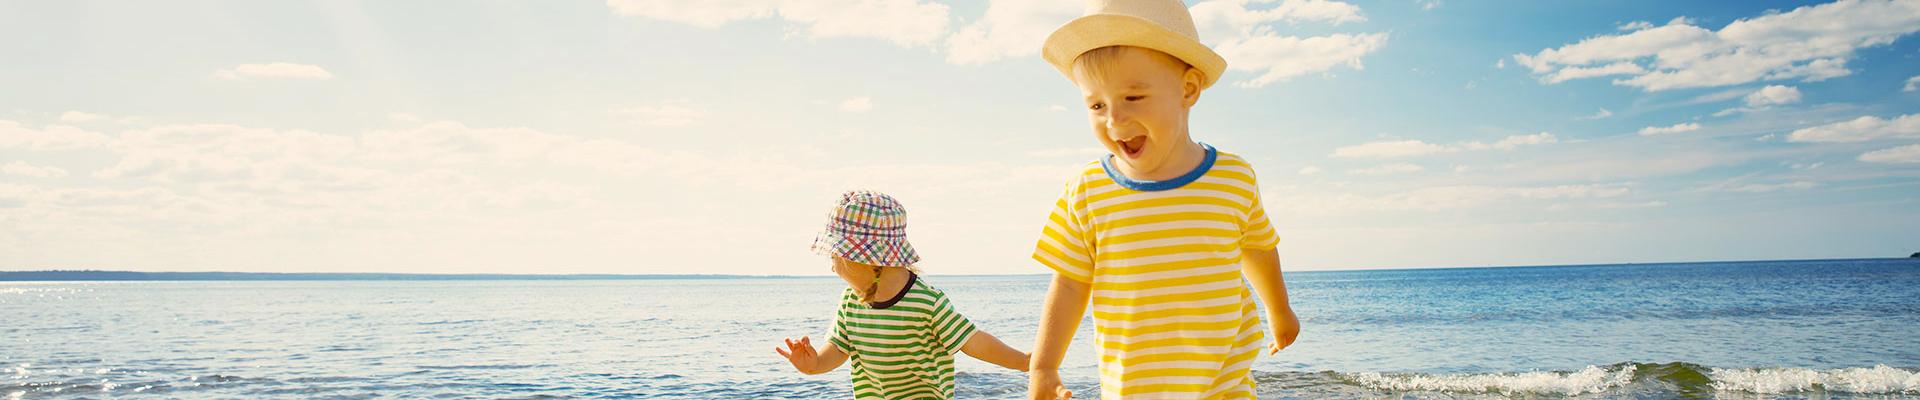 Hai 2 bimbi e non sai dove andare in vacanza? Vantaggi Travel ti mette a disposizione una selezione di offerte per le vacanze con la famiglia.